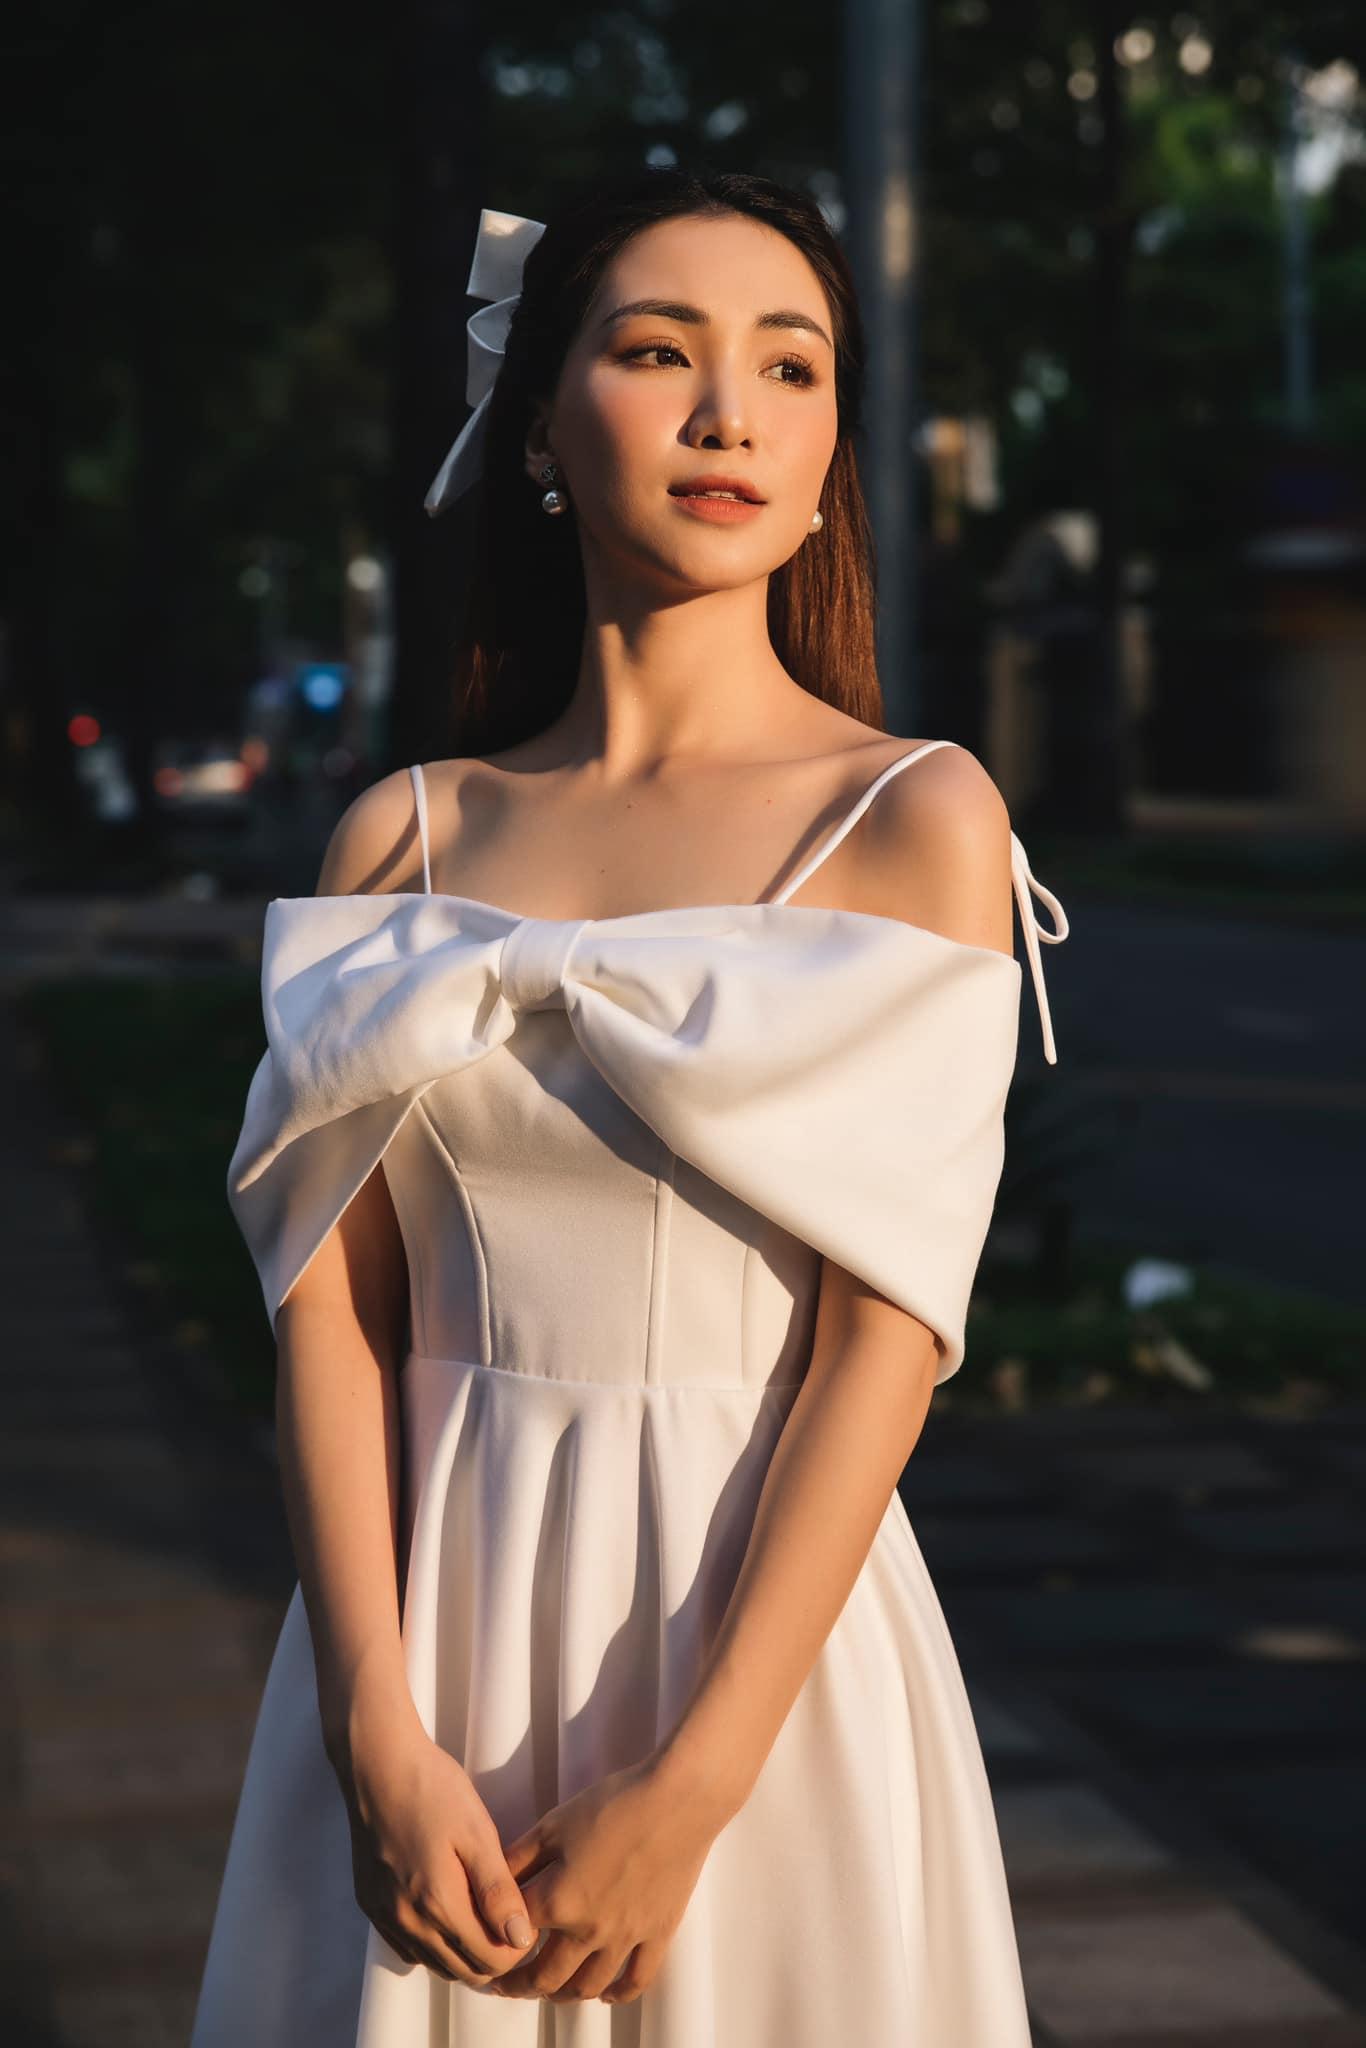 Vì sao Hòa Minzy và chồng đại gia có con chung nhưng chưa làm đám cưới? - Ảnh 6.